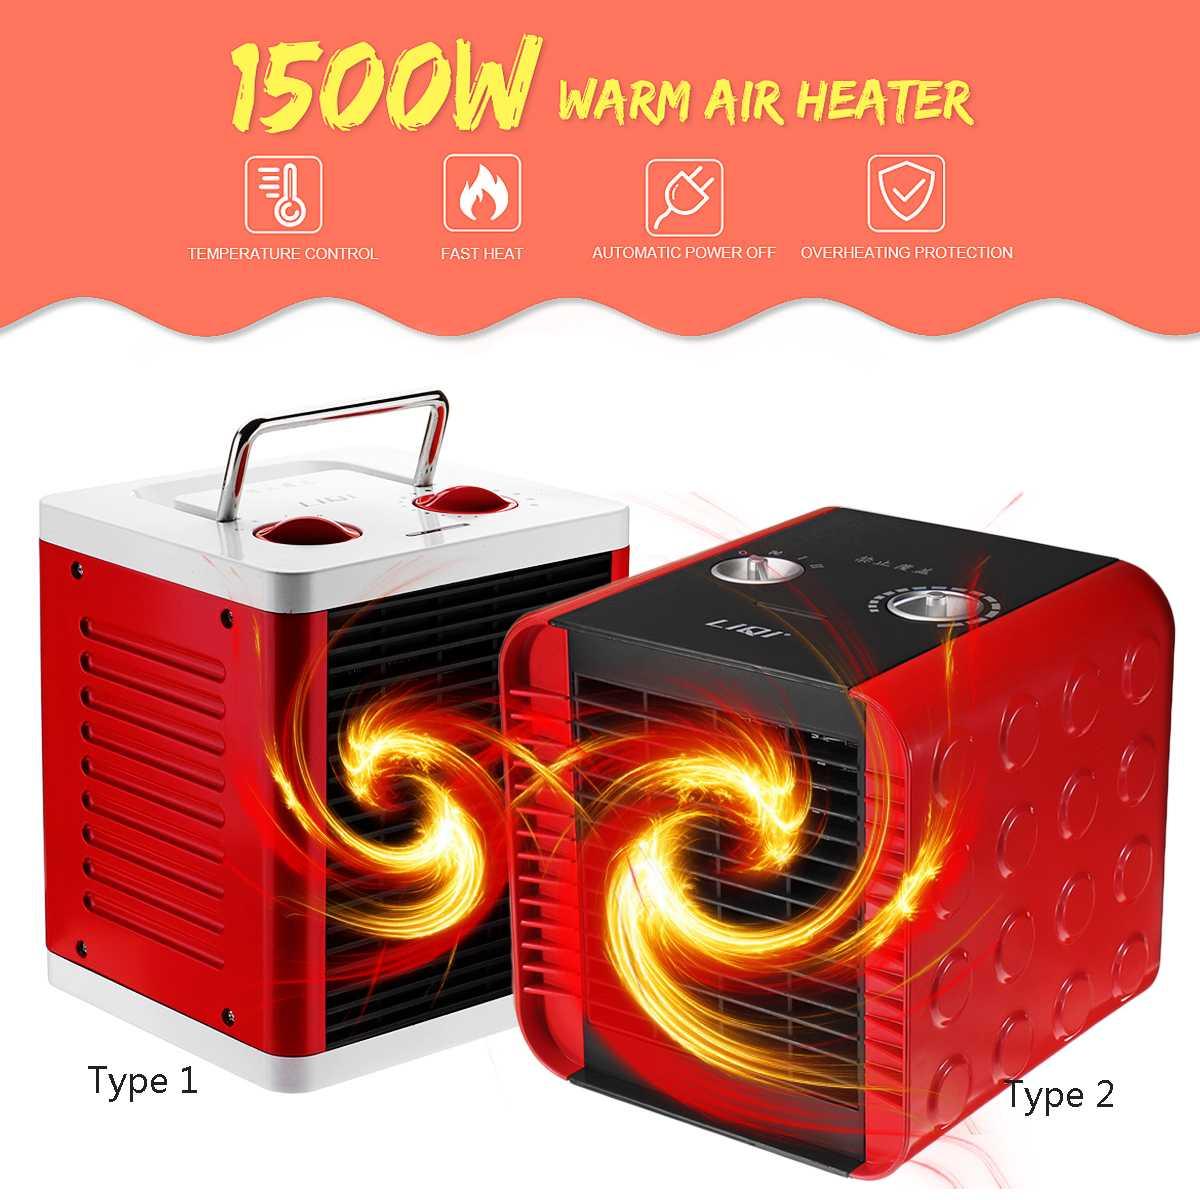 750 W/1500 W PTC Portable chauffage électrique chauffage Air chaud hiver plus chaud bureau à domicile Mini radiateur froid Machine réglable rapide